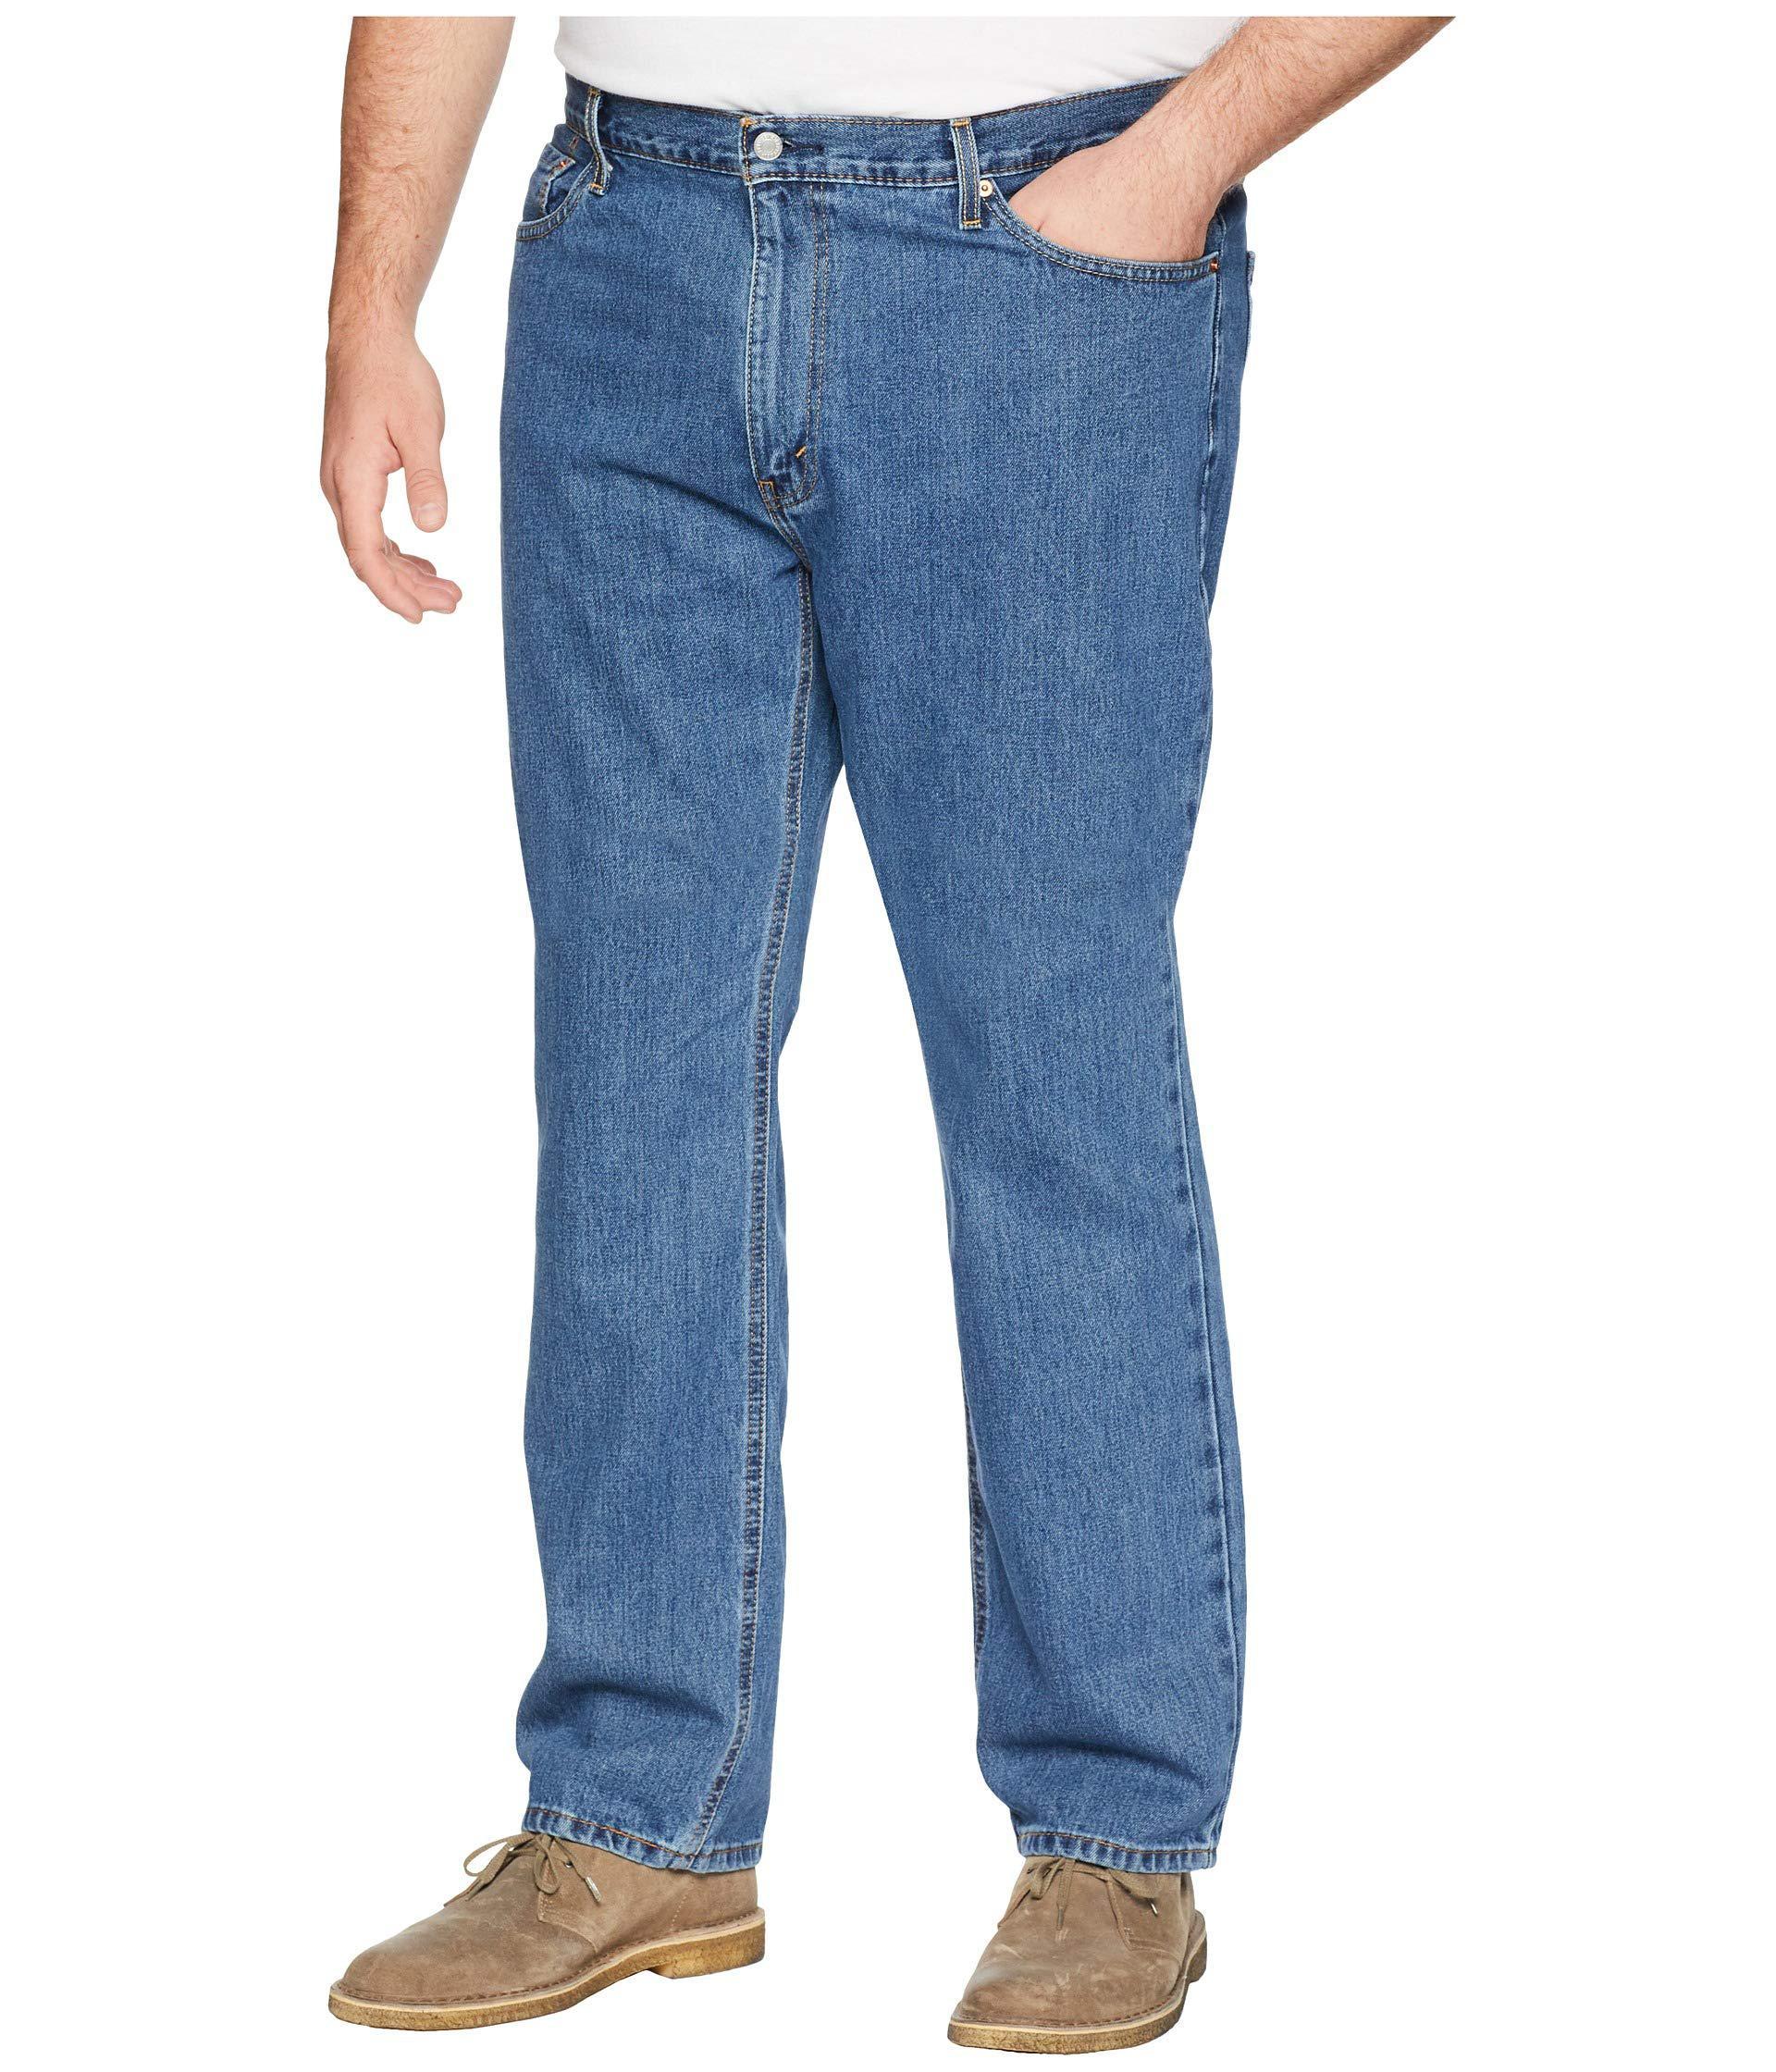 c5e91120 Lyst - Levi's Levi's(r) Big & Tall Big Tall 541tm Athletic Fit (husker)  Men's Jeans in Blue for Men - Save 25.31645569620254%